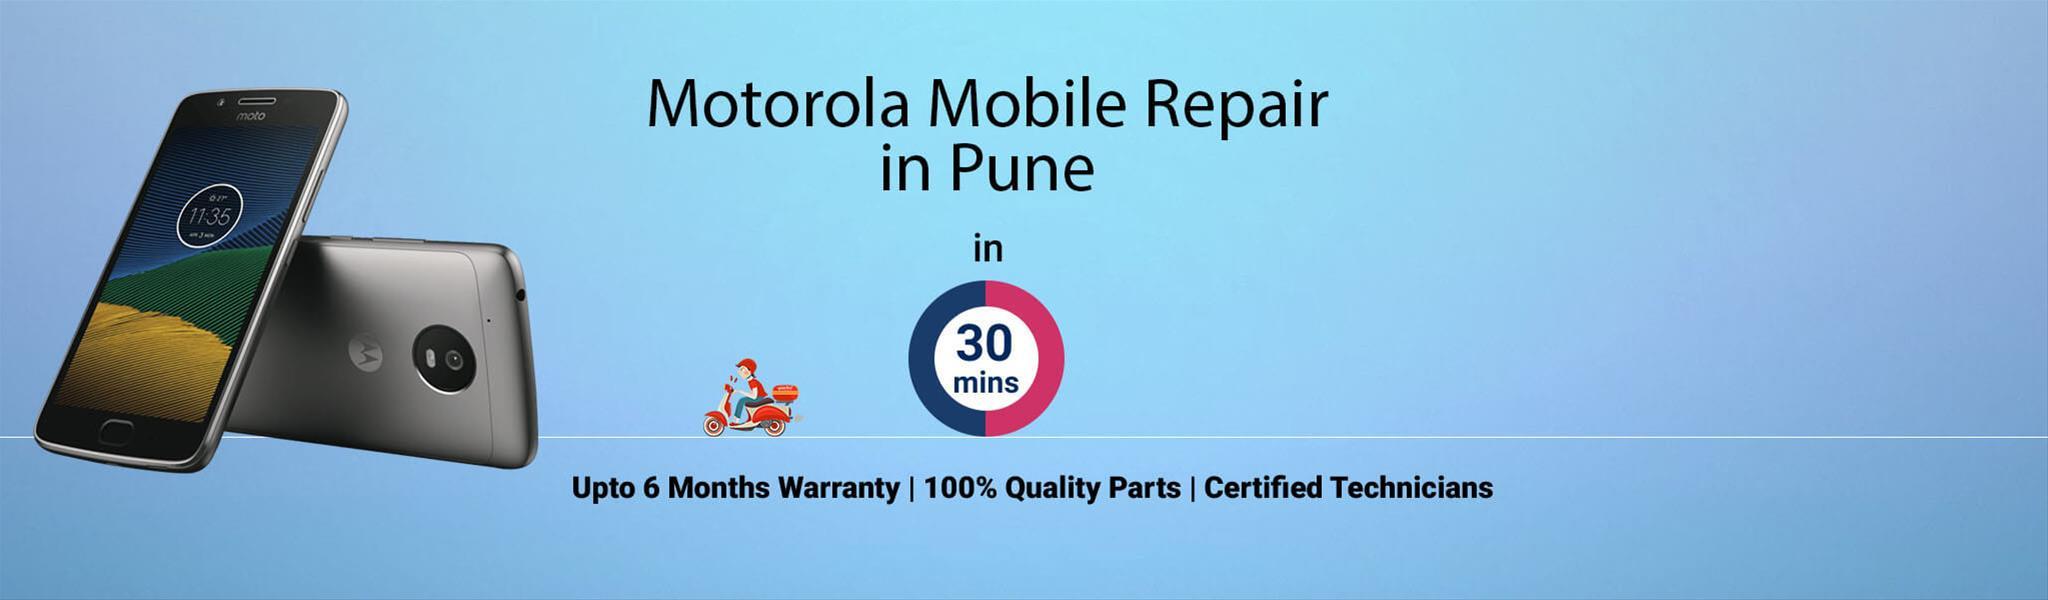 motorola-repair-in-pune.jpg